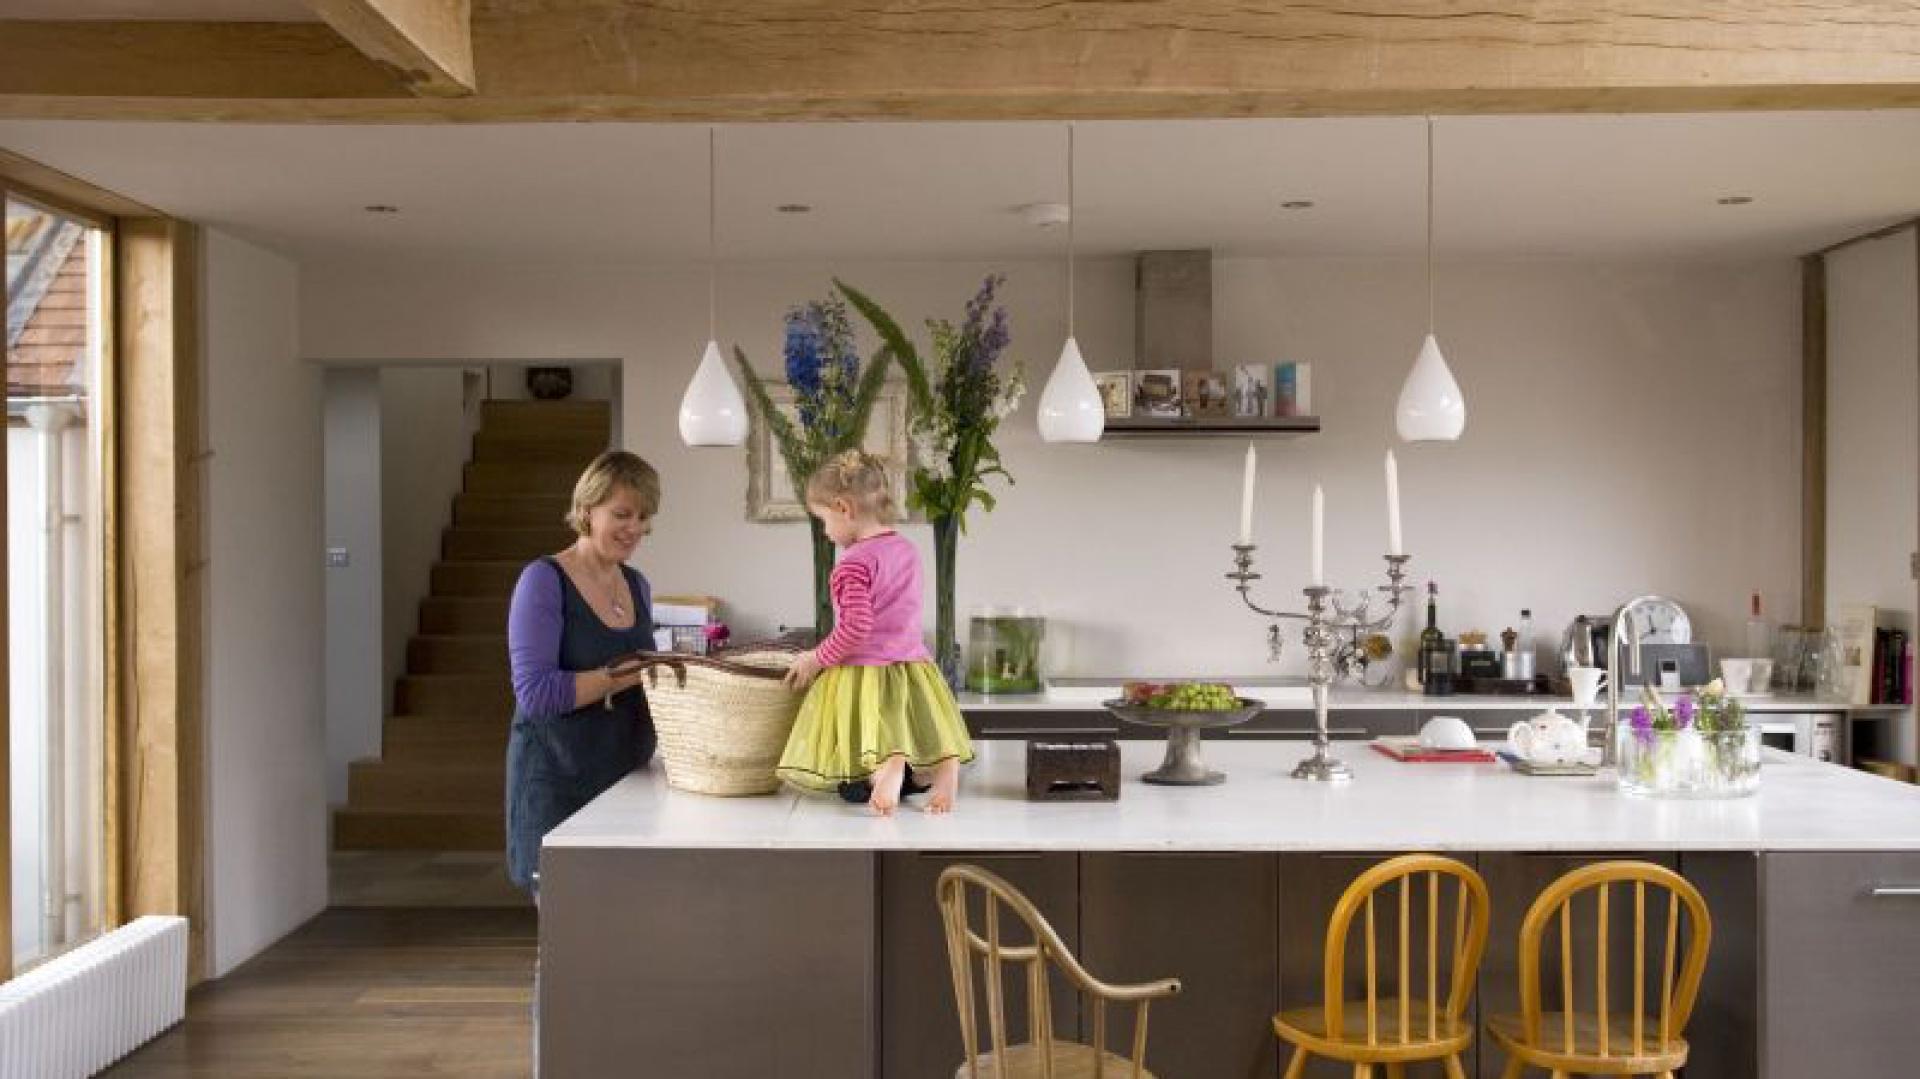 Otwarta kuchnia sprawia, że gotowanie w domu Fiony i Alexa stało się czynnością prawdziwie społeczną. Pozwala też mieć na oku bawiące się dzieci. Prosta, nowoczesna zabudowa z IKEA, choć miała być rozwiązaniem tymczasowym, sprawdza się znakomicie.